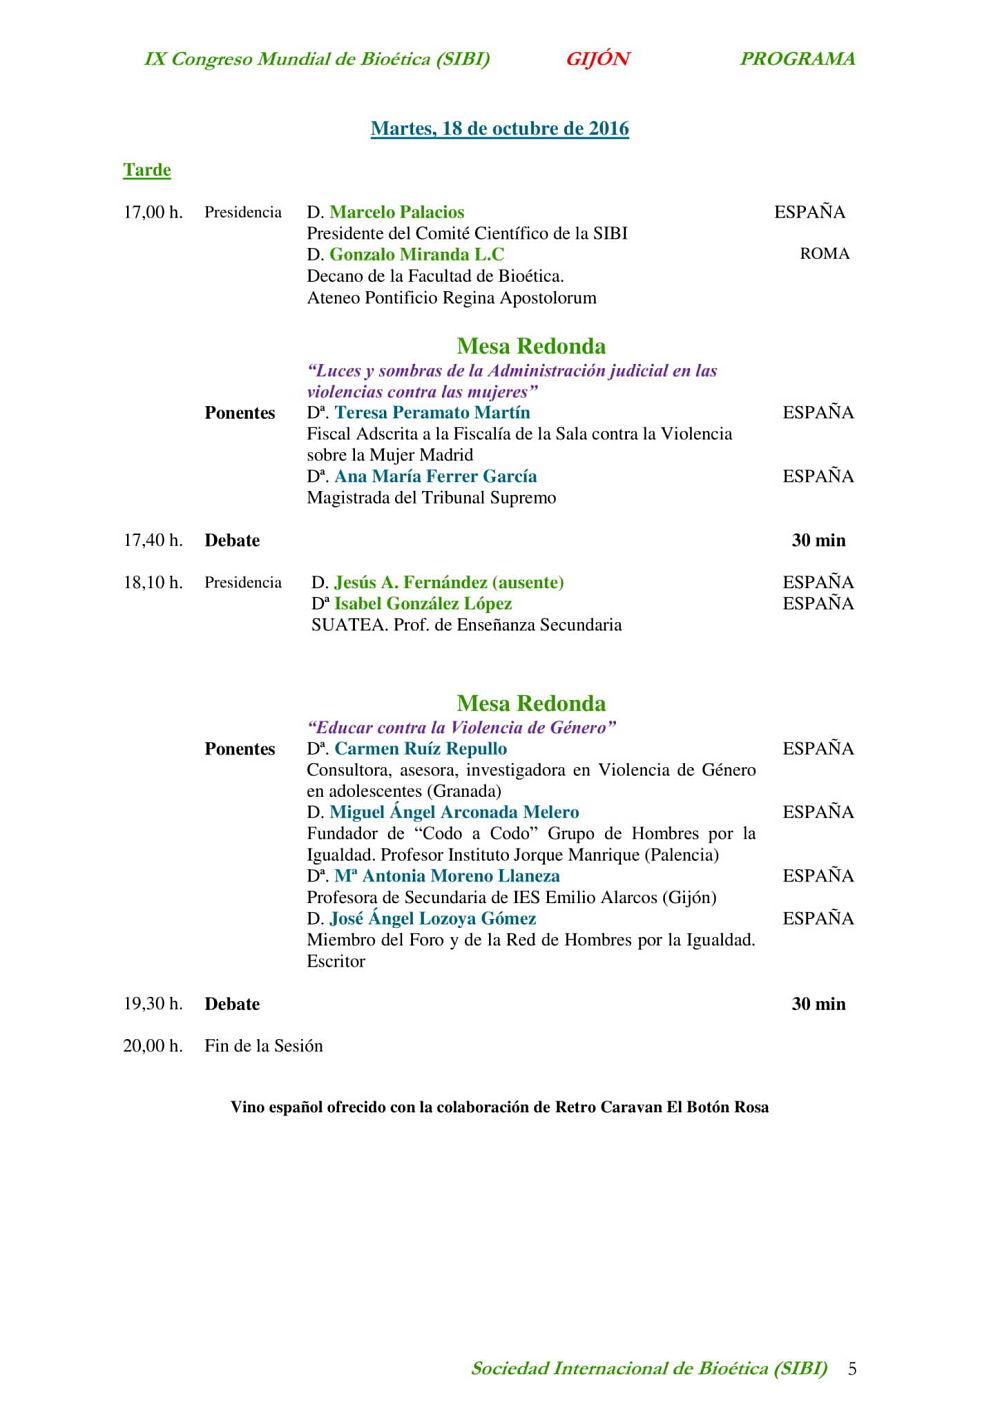 página 5 del programa del noveno congreso mundial de bioética